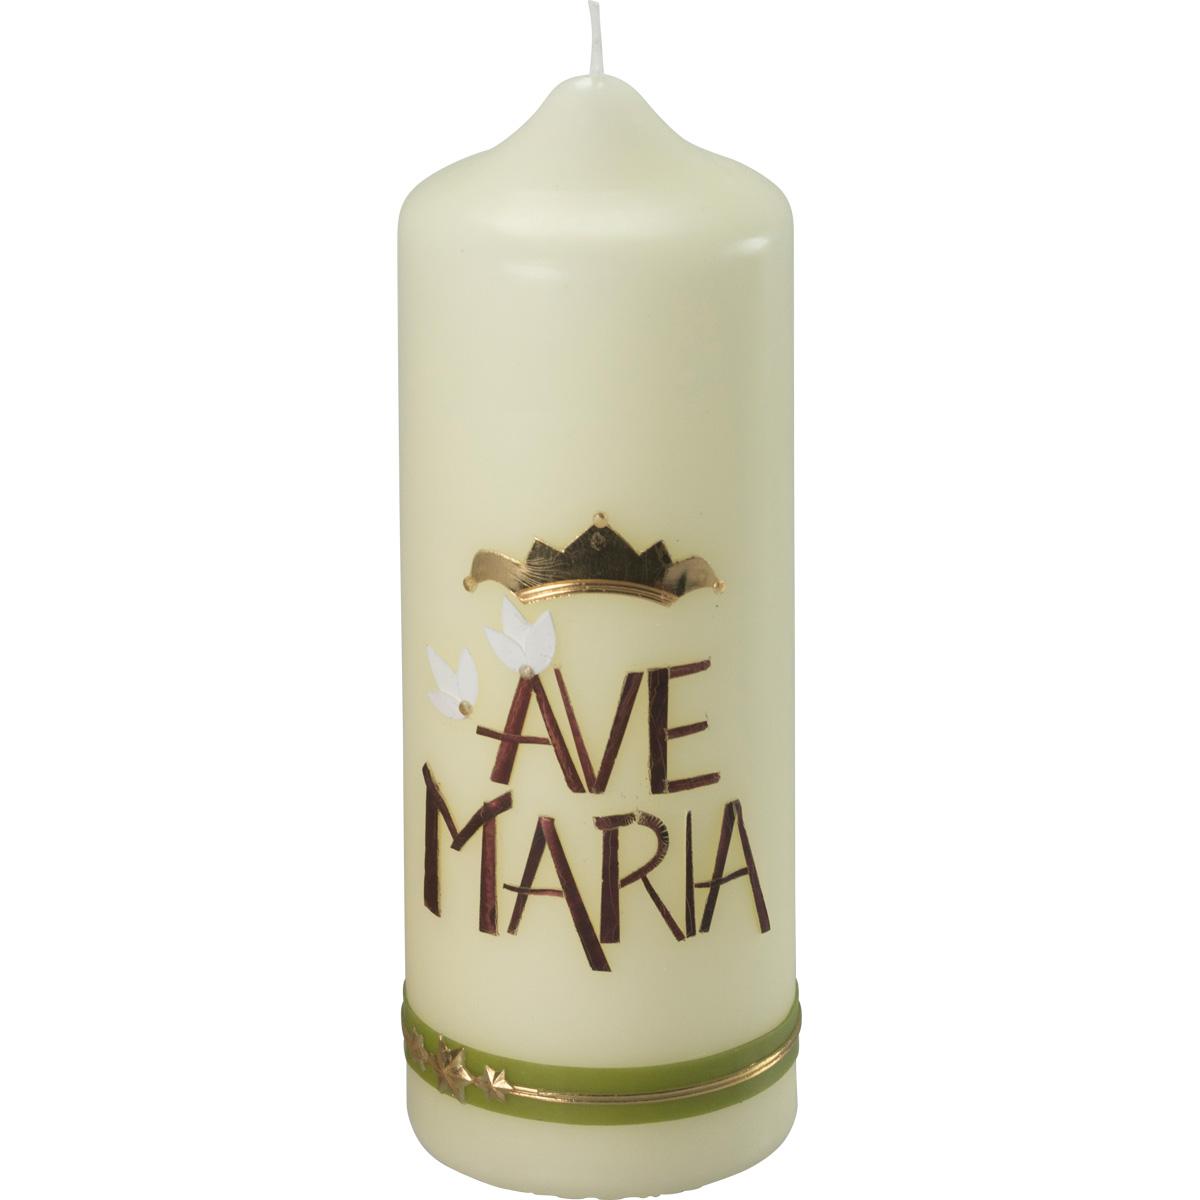 Marienkerze, #441, 230x80, Ave Maria